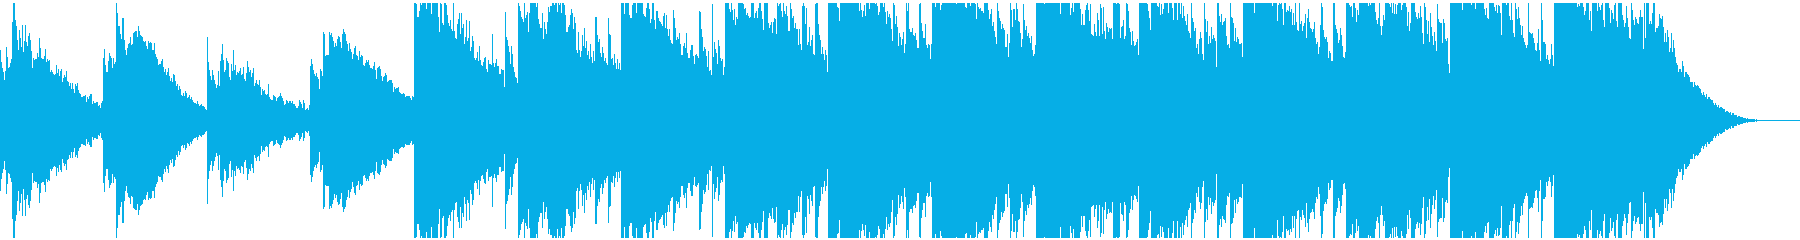 ピアノ主旋律のアンビエント ヒーリングの再生済みの波形